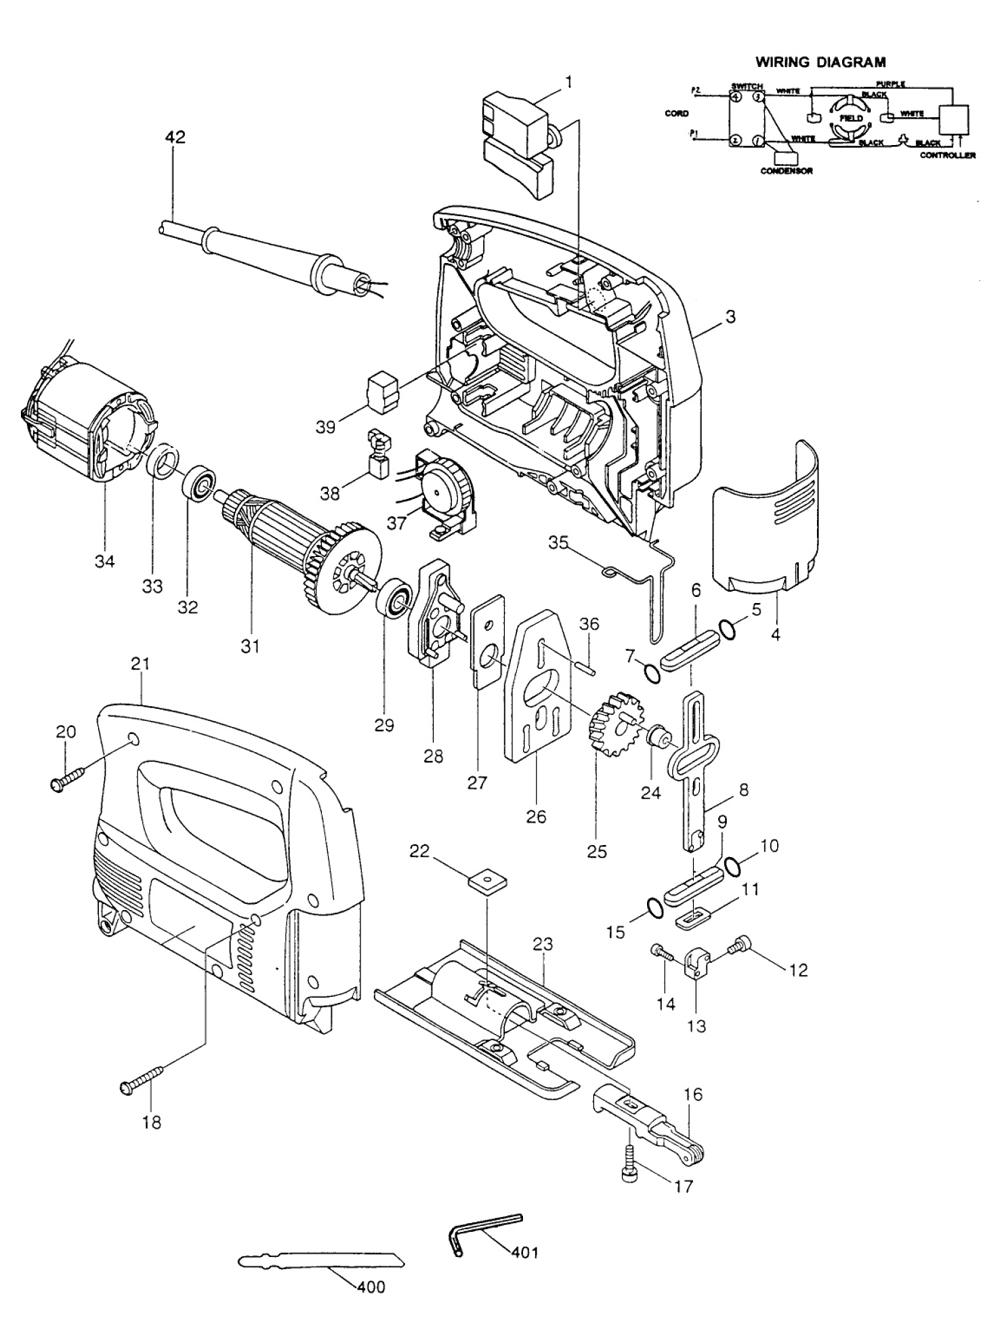 Case Drill Parts : Buy makita k jig spm var spd case